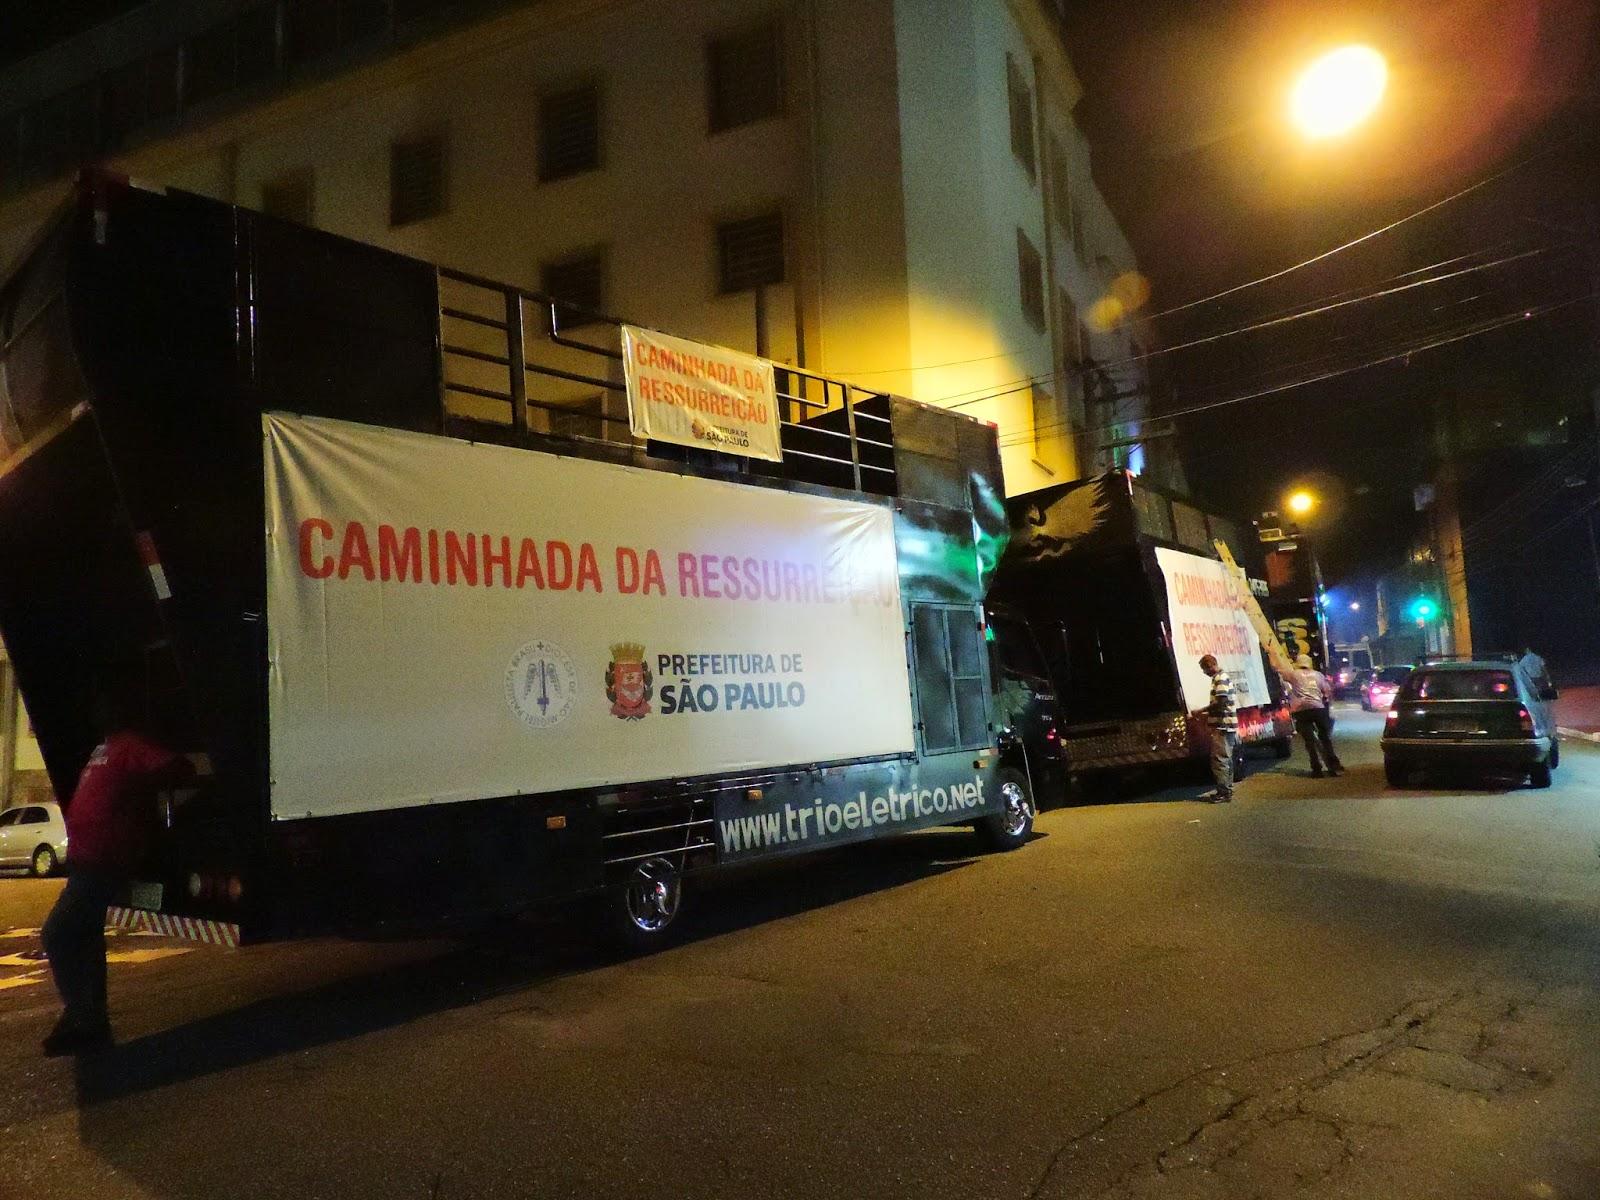 www.trioeletrico.net